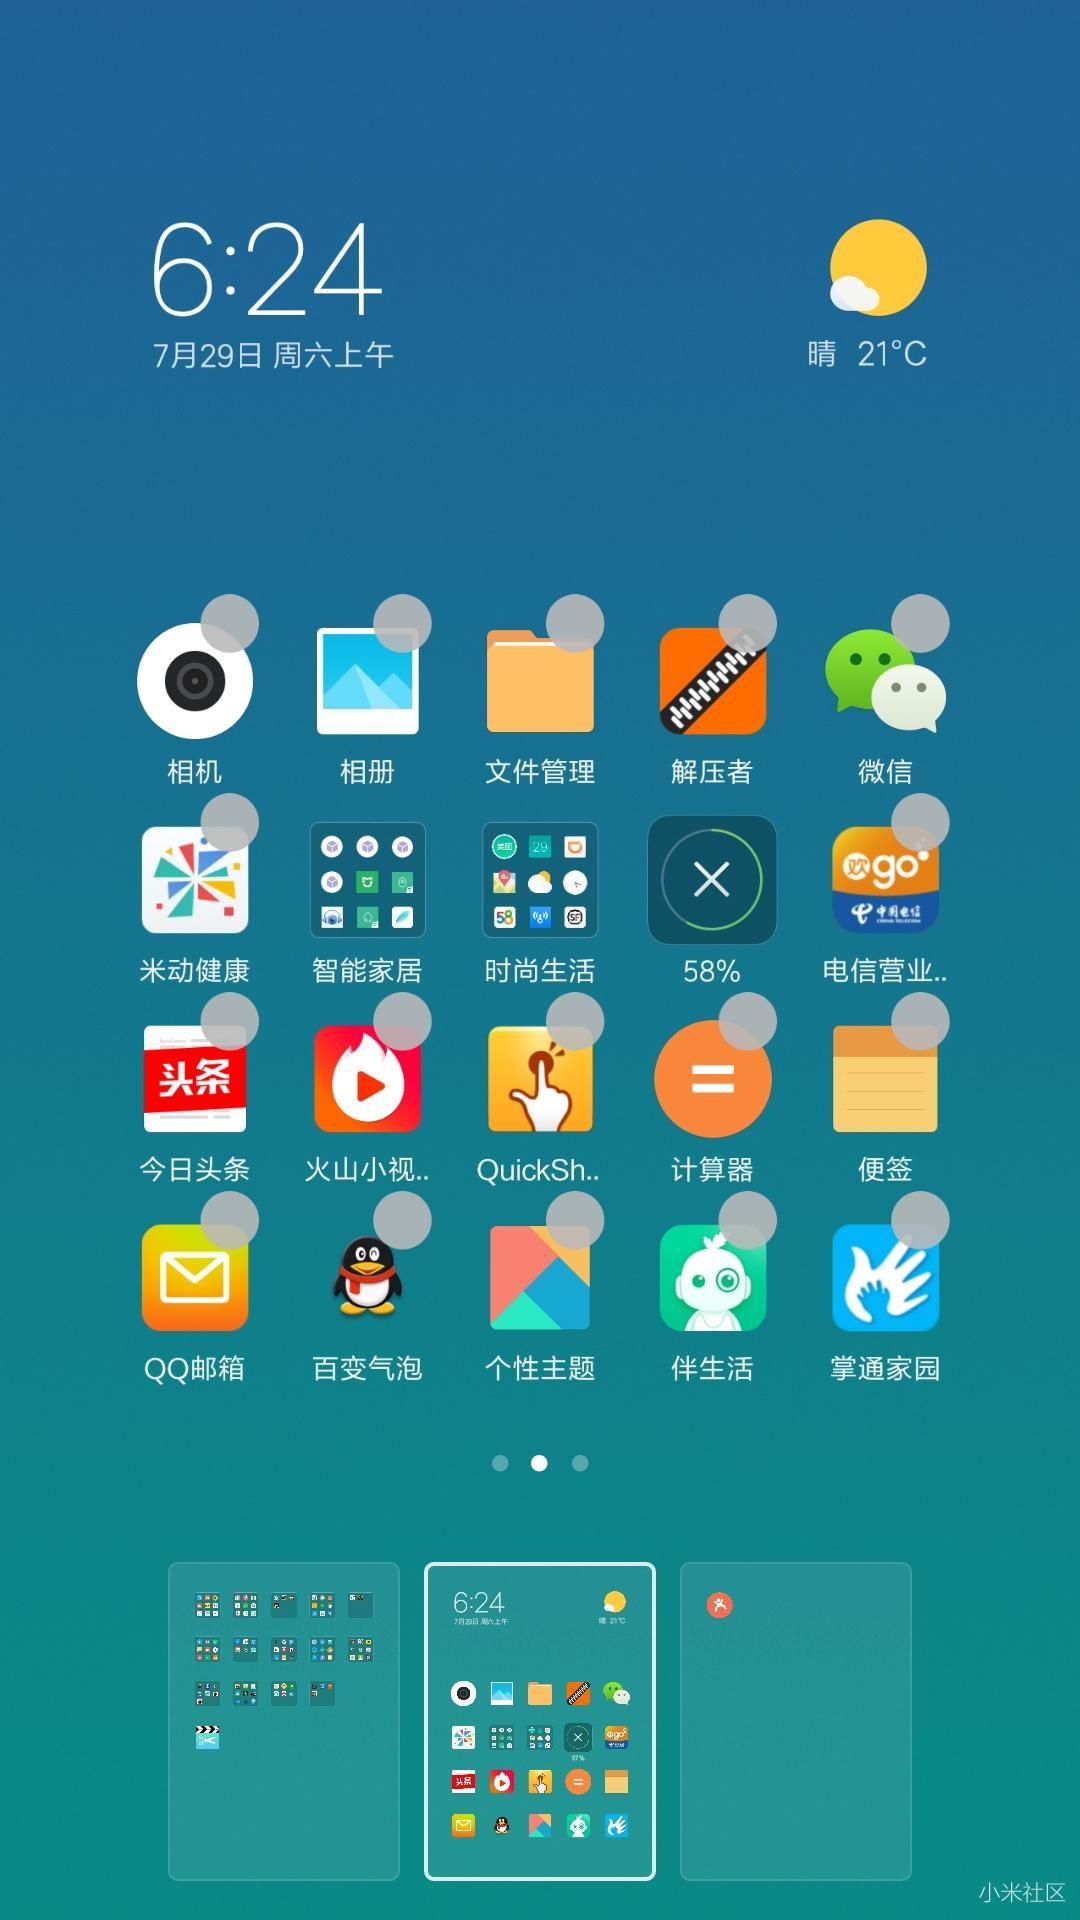 【图片3】MIUI 9 新功能速递,5项大升级需注意